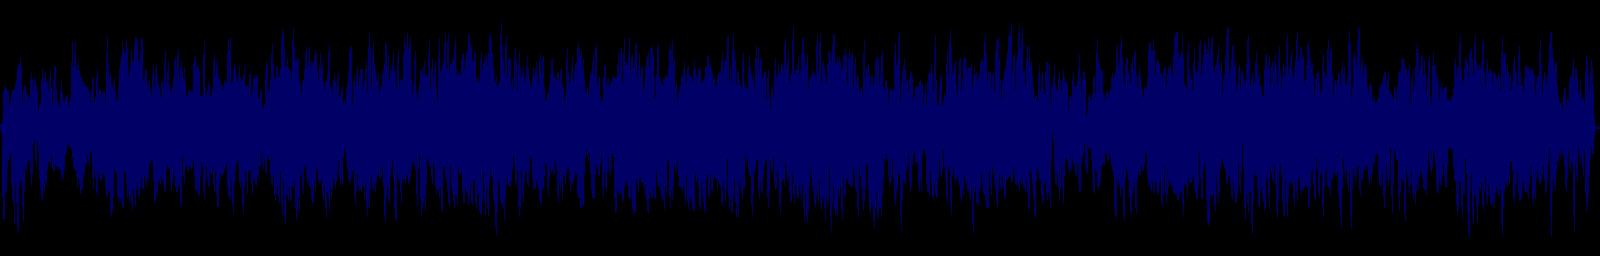 waveform of track #130503